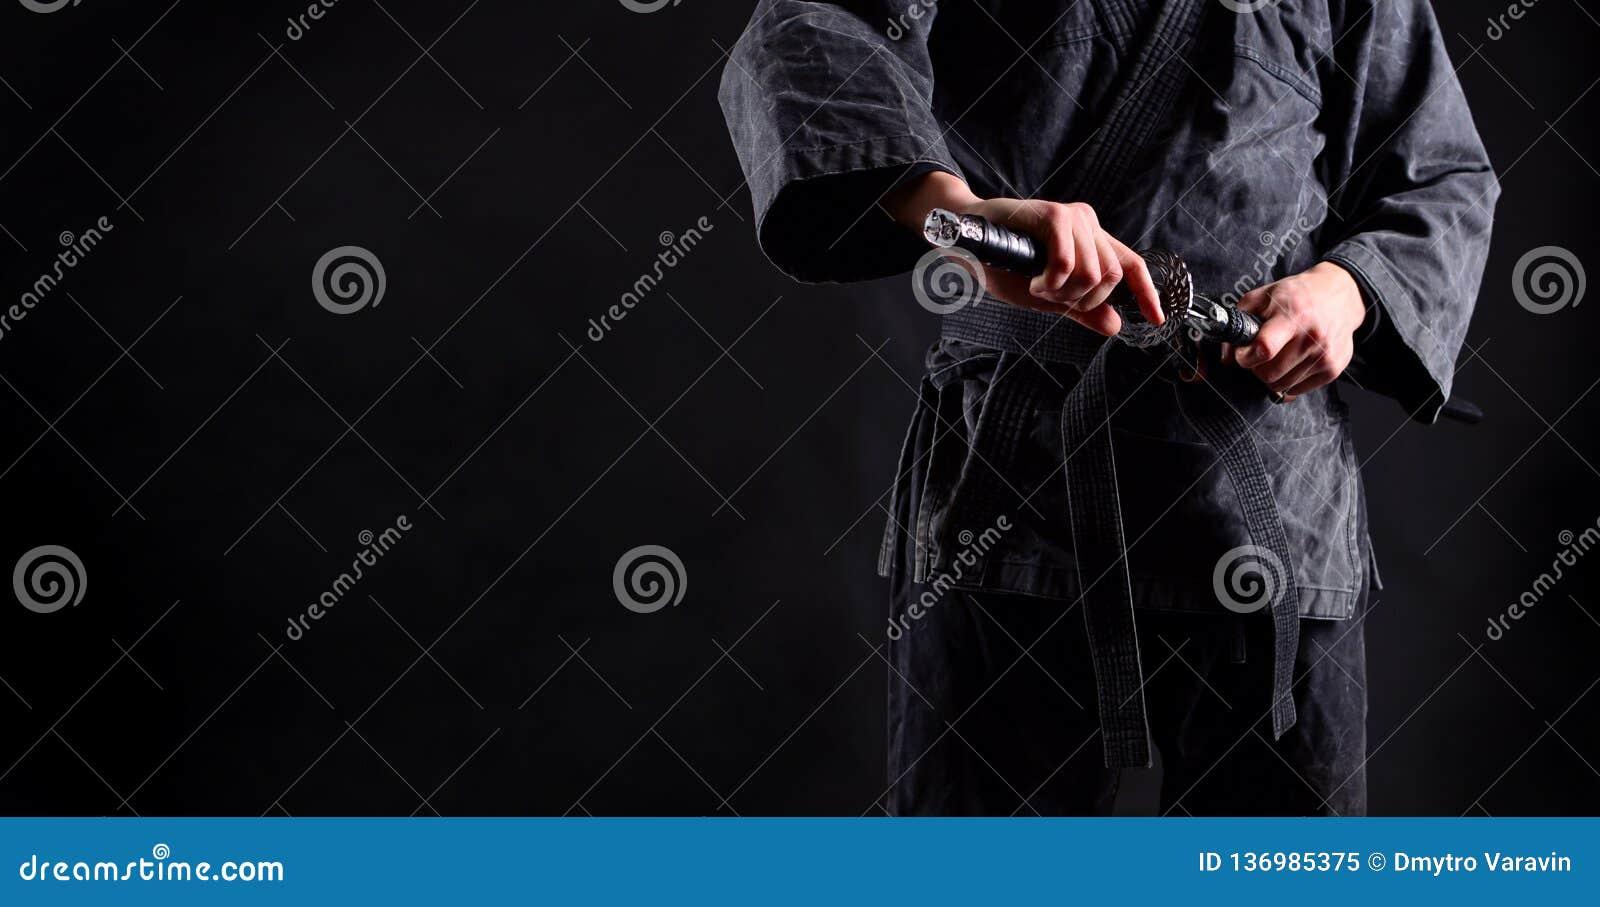 Baner med ninjaen, samuraj